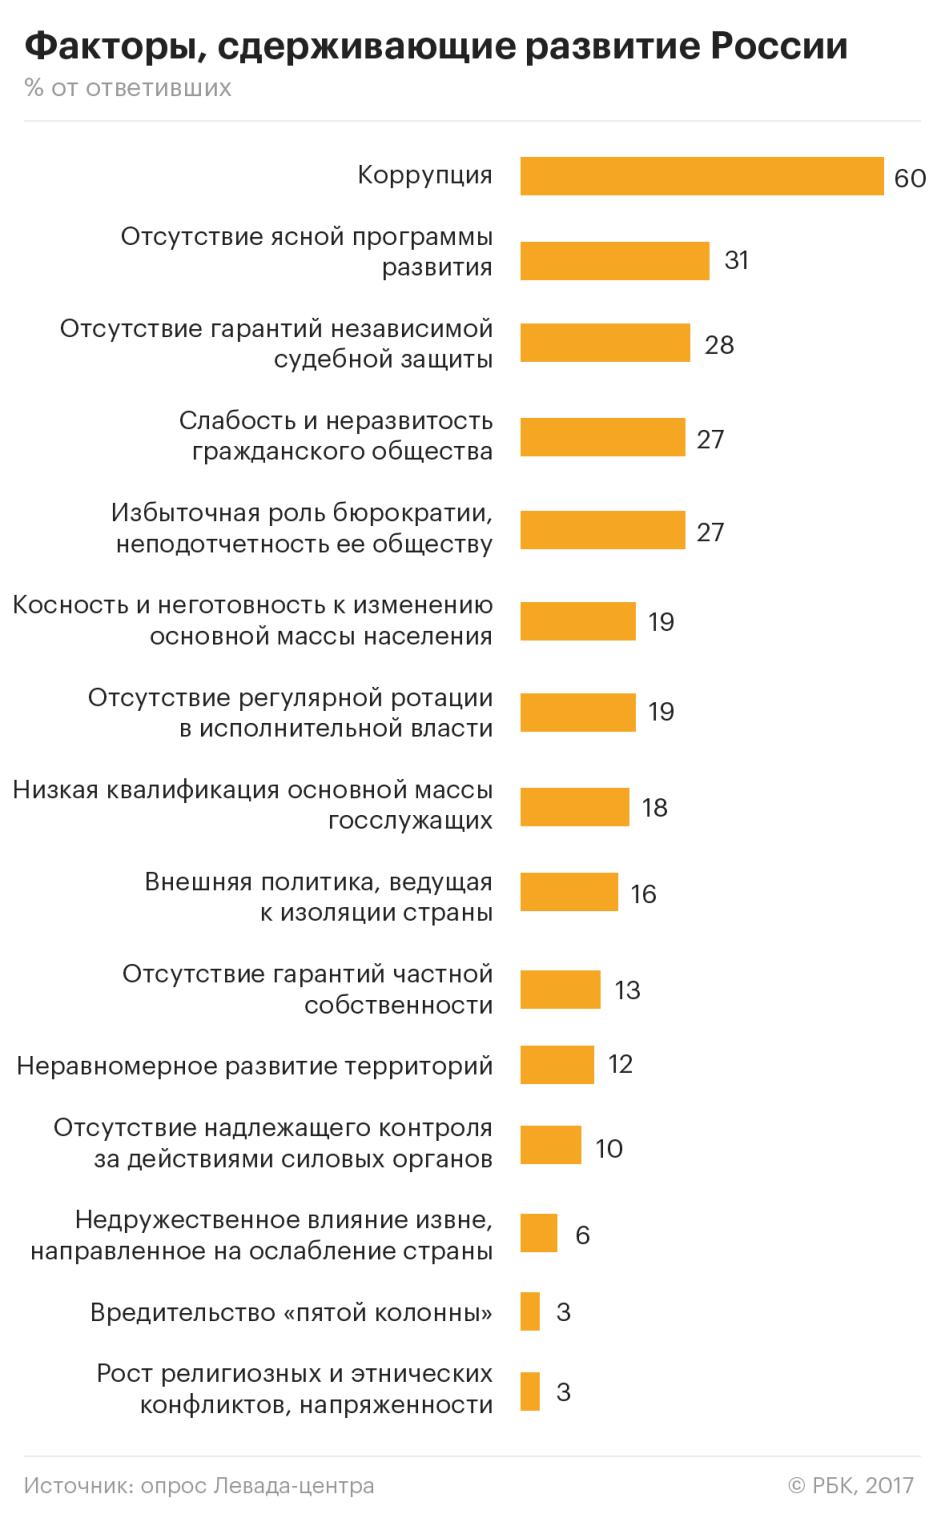 https://s0.rbk.ru/v6_top_pics/resized/945xH/media/img/1/18/755114622242181.png